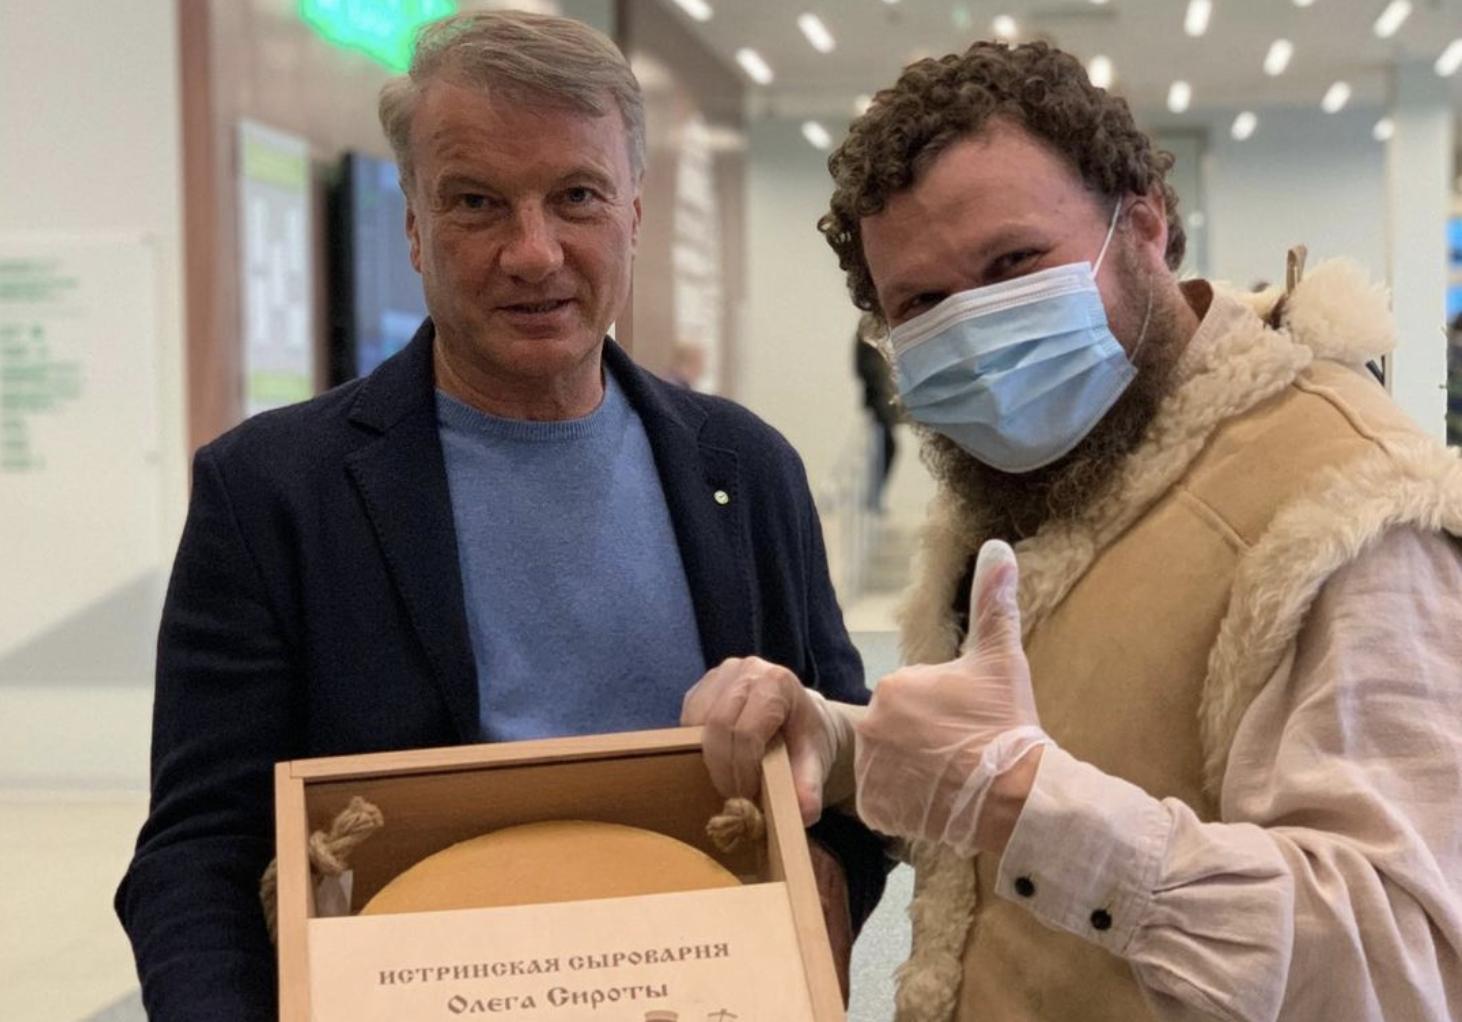 Фермер Олег Сирота рассказал о том, что  подарил сыр Вячеславу Володину и Герману Грефу